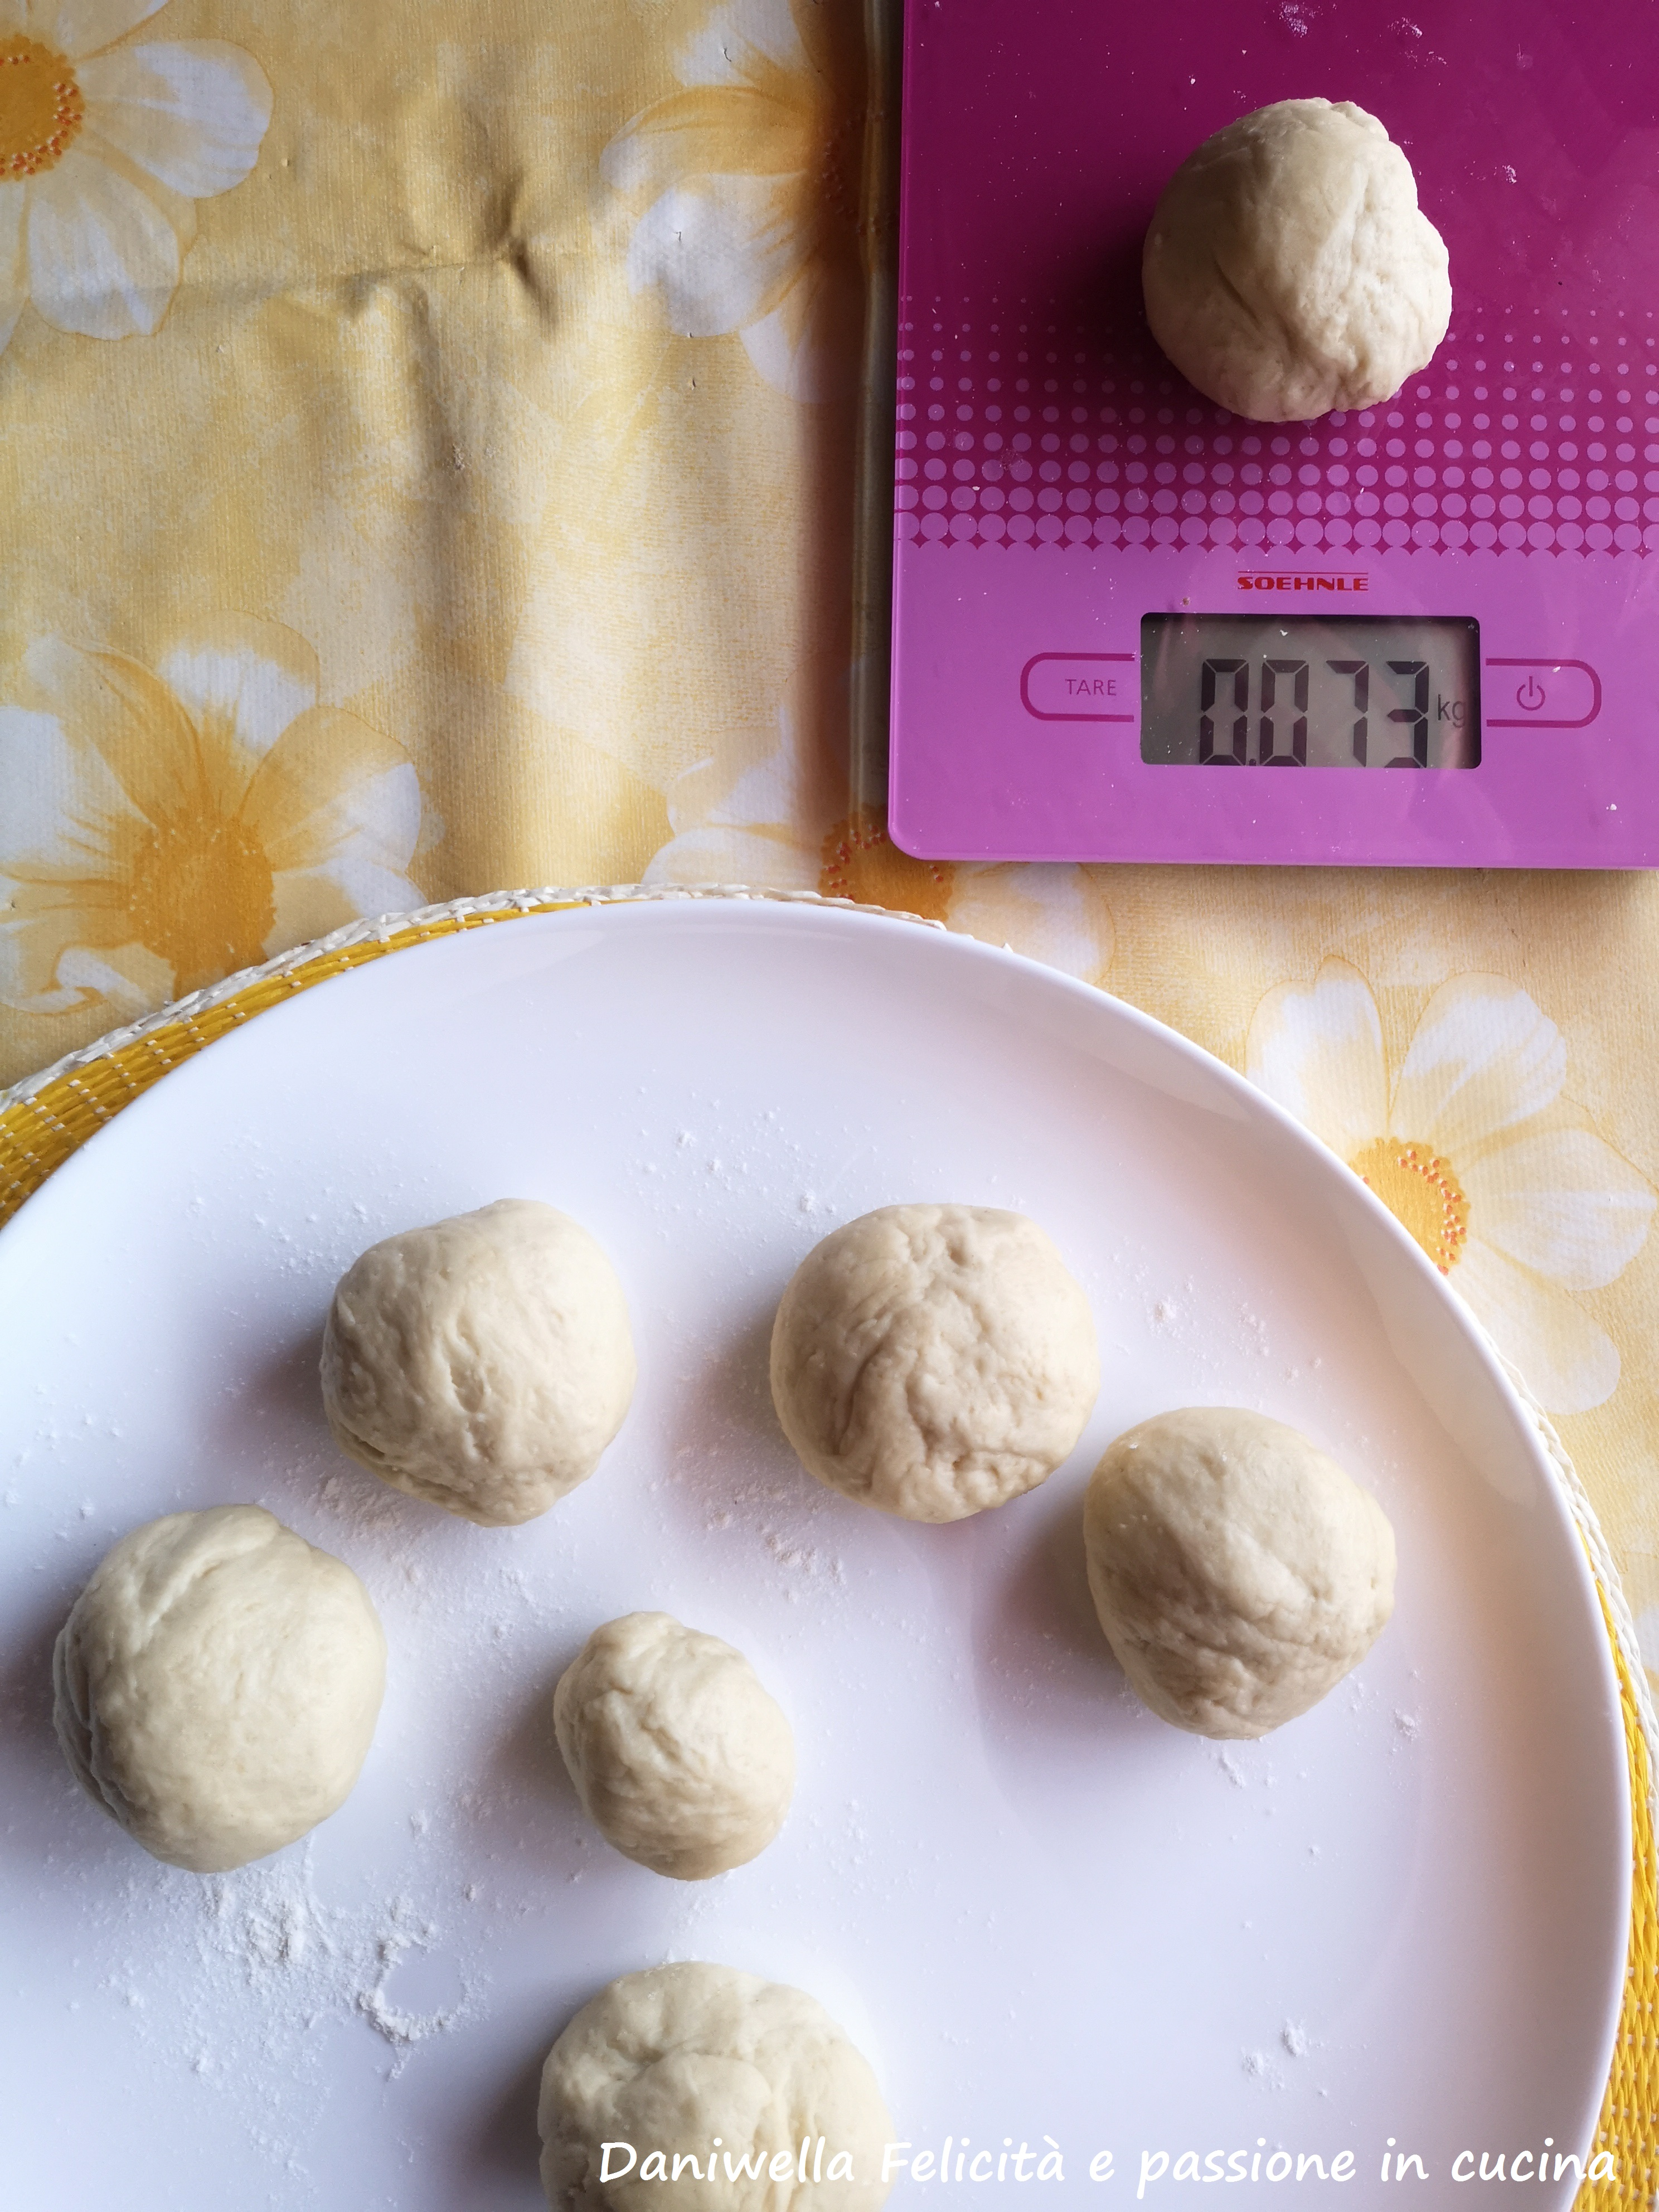 Riprendete l'impasto, sgonfiatelo e dividetelo in 5/6 pezzi di 60/70 g l'uno, formate delle palline e mettetele a lievitare su di un piatto spolverato di farina coperto con un canovaccio per per 30/40.